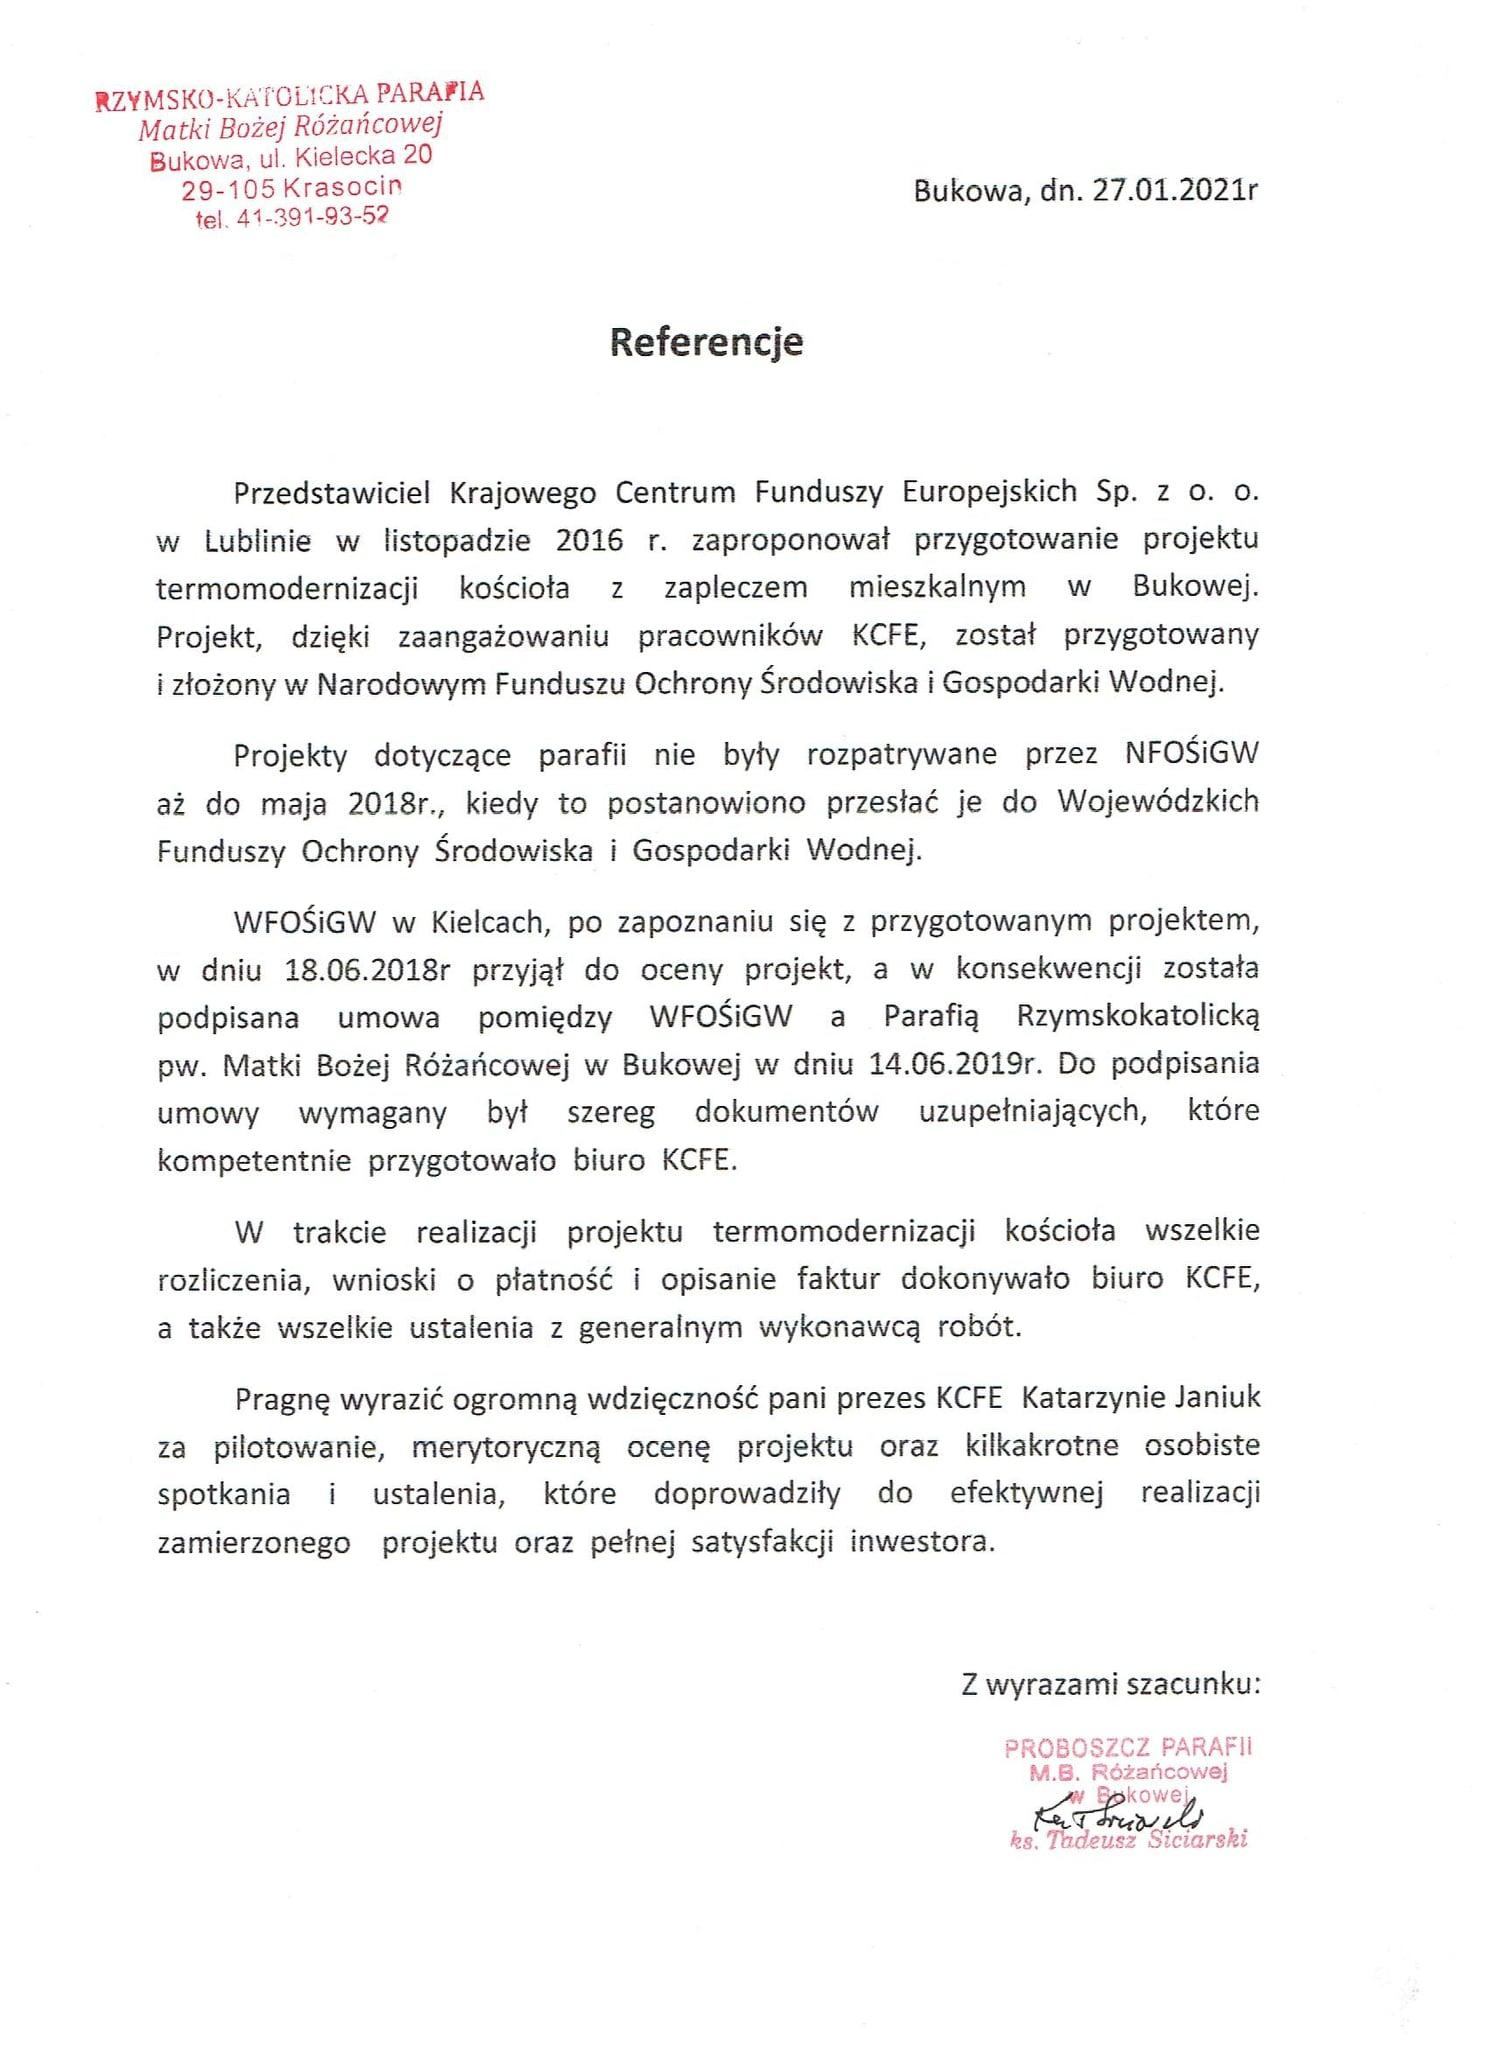 Referencje Parafia w Bukowej 27.01.2021 - JPG